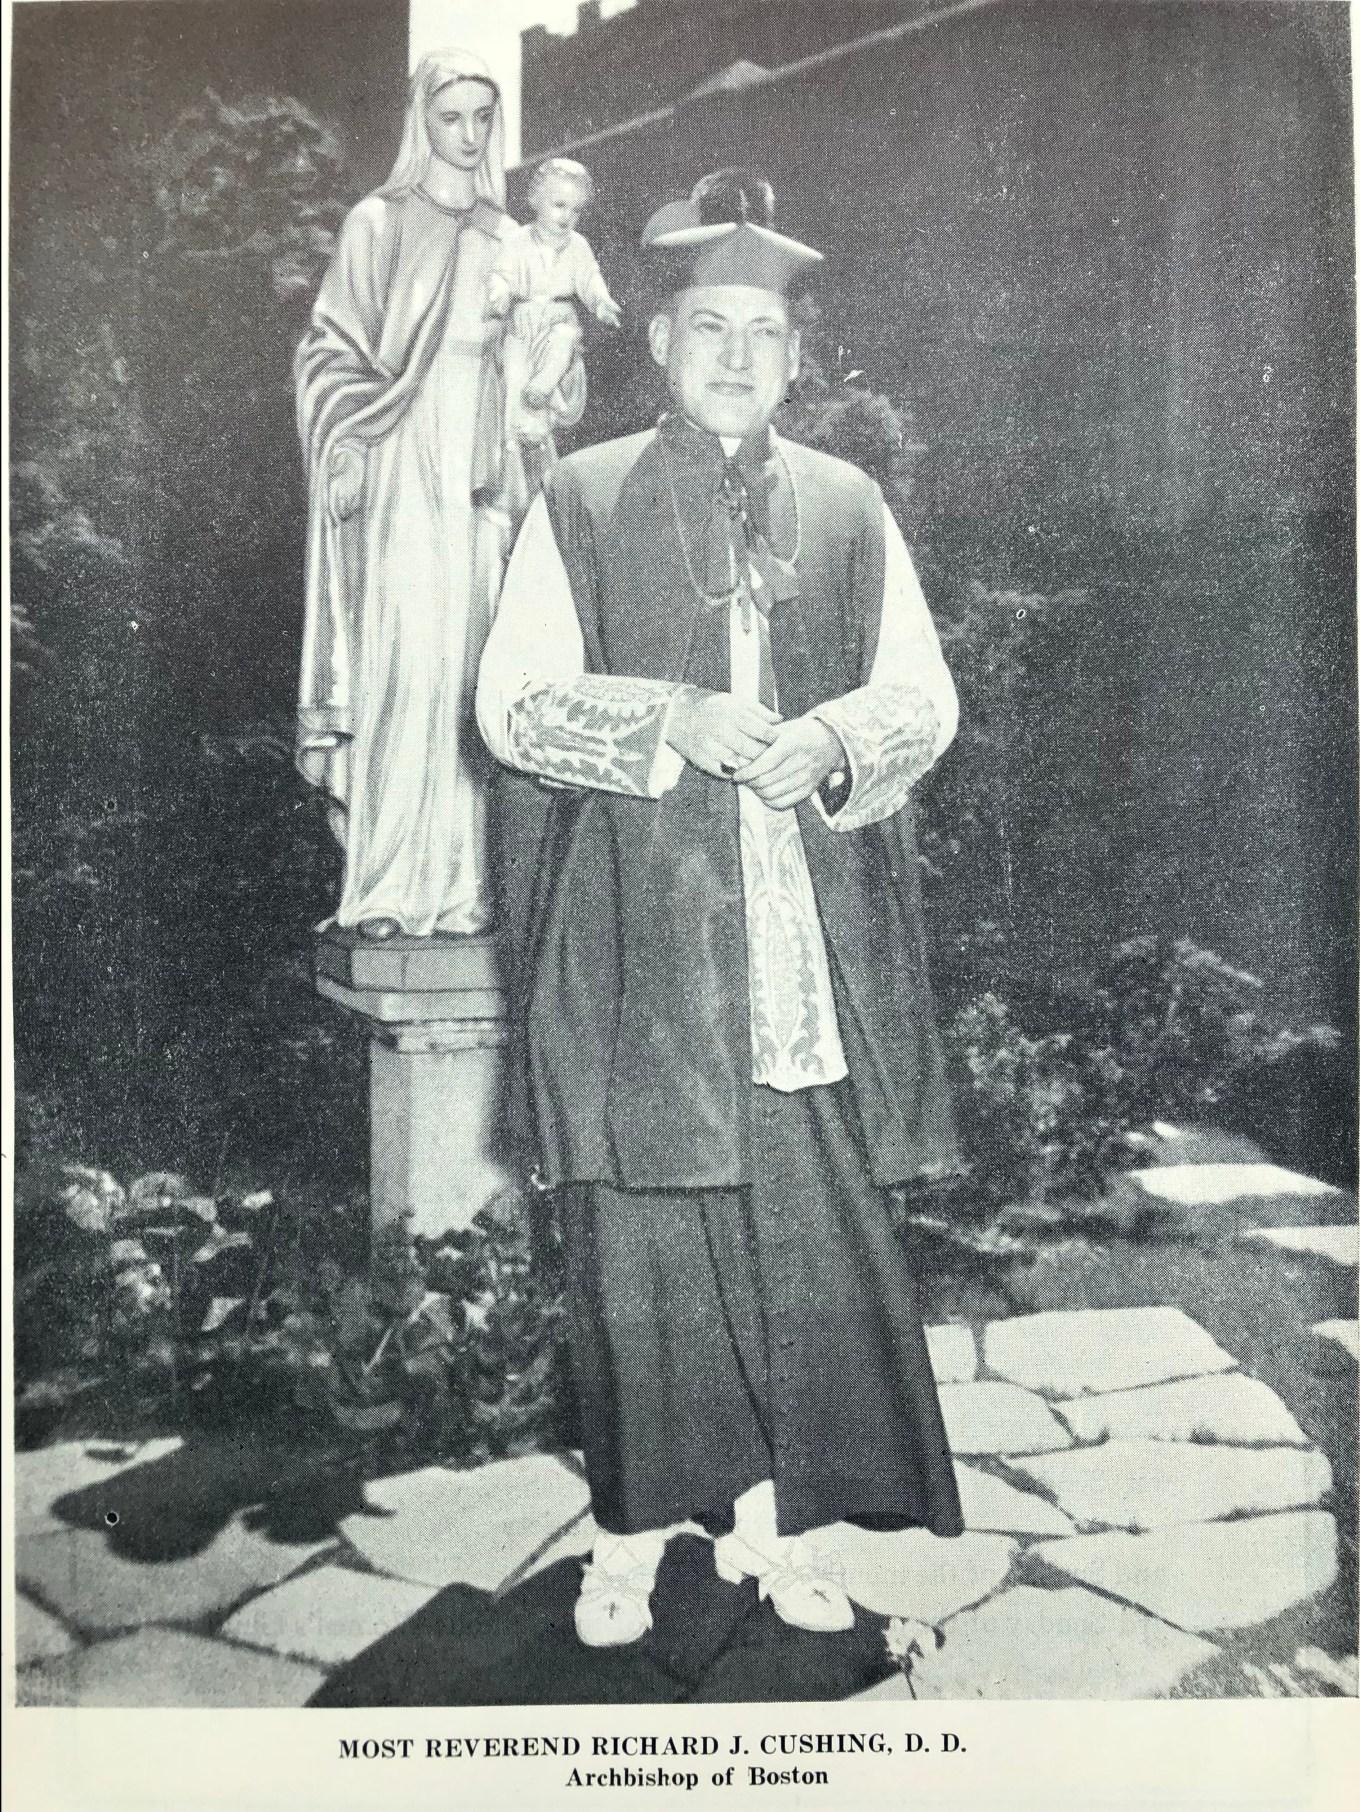 Boston Archbishop Richard J. Cushing